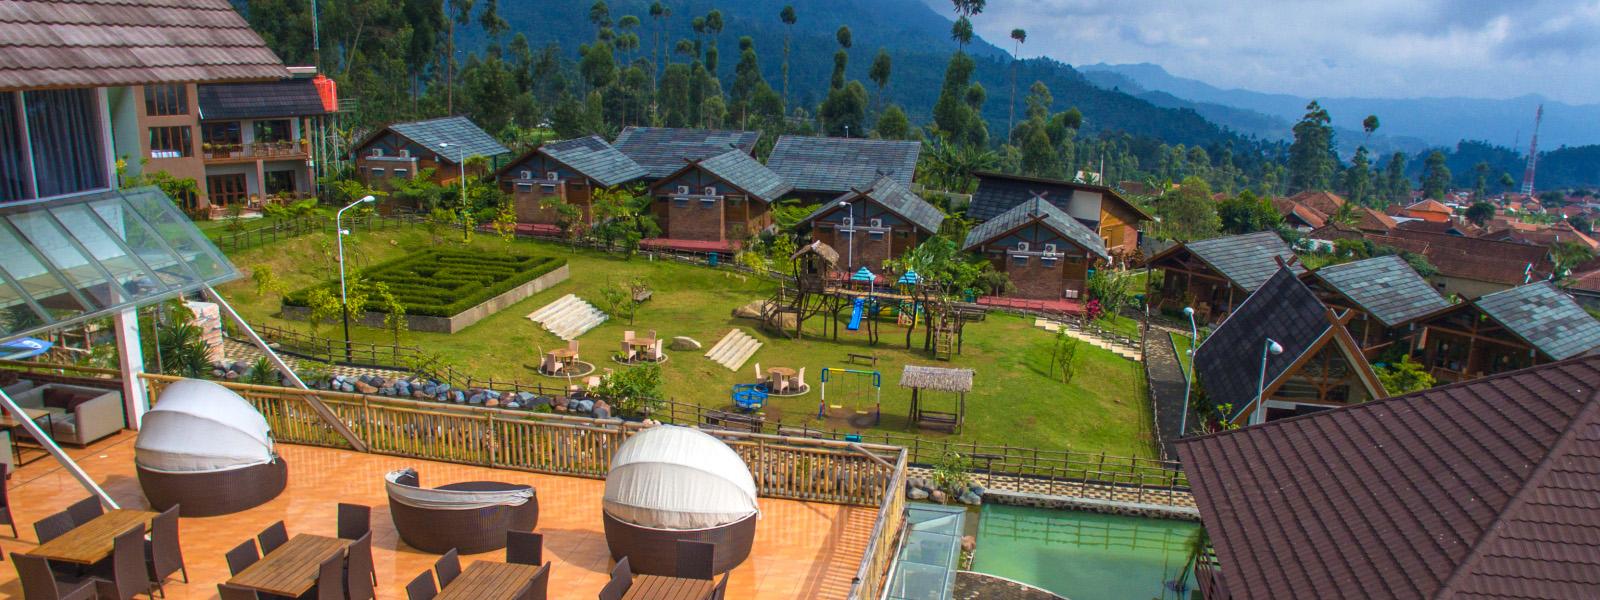 5 Rekomendasi Pemandian Air Panas di Bandung 7